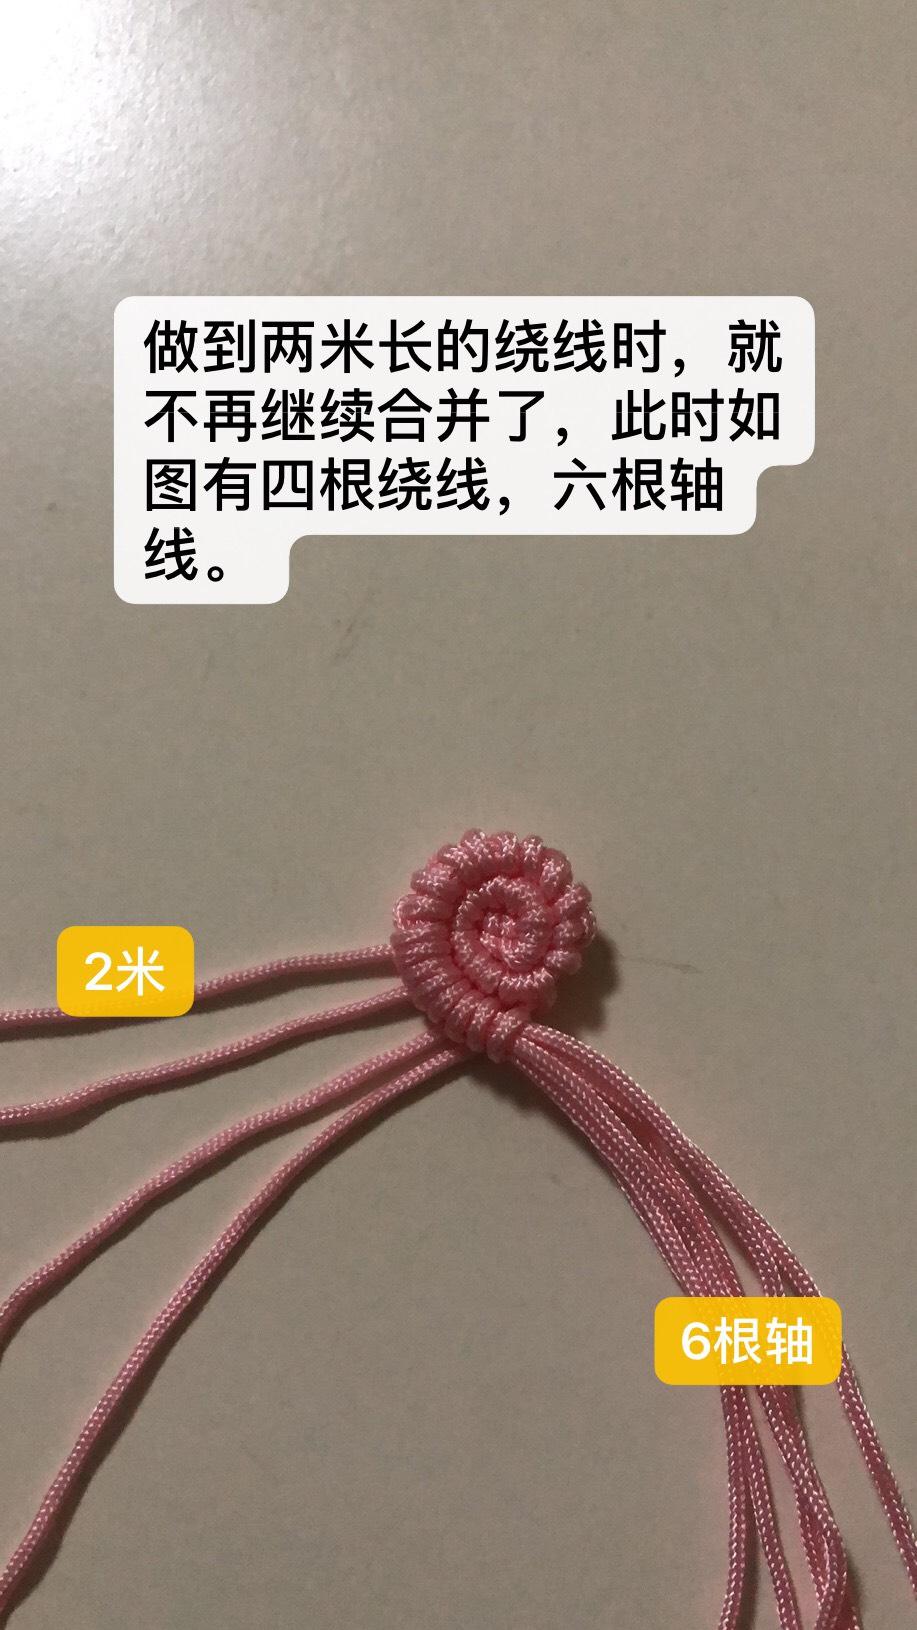 中国结论坛 玫瑰花挂件 玫瑰花怎么处理不浪费,玫瑰花翡翠吊坠图片,玫瑰花吊坠项链图片,吊坠中间的玫瑰花,钩玫瑰花的教程 图文教程区 014304nv5jai29fvs9eq9e